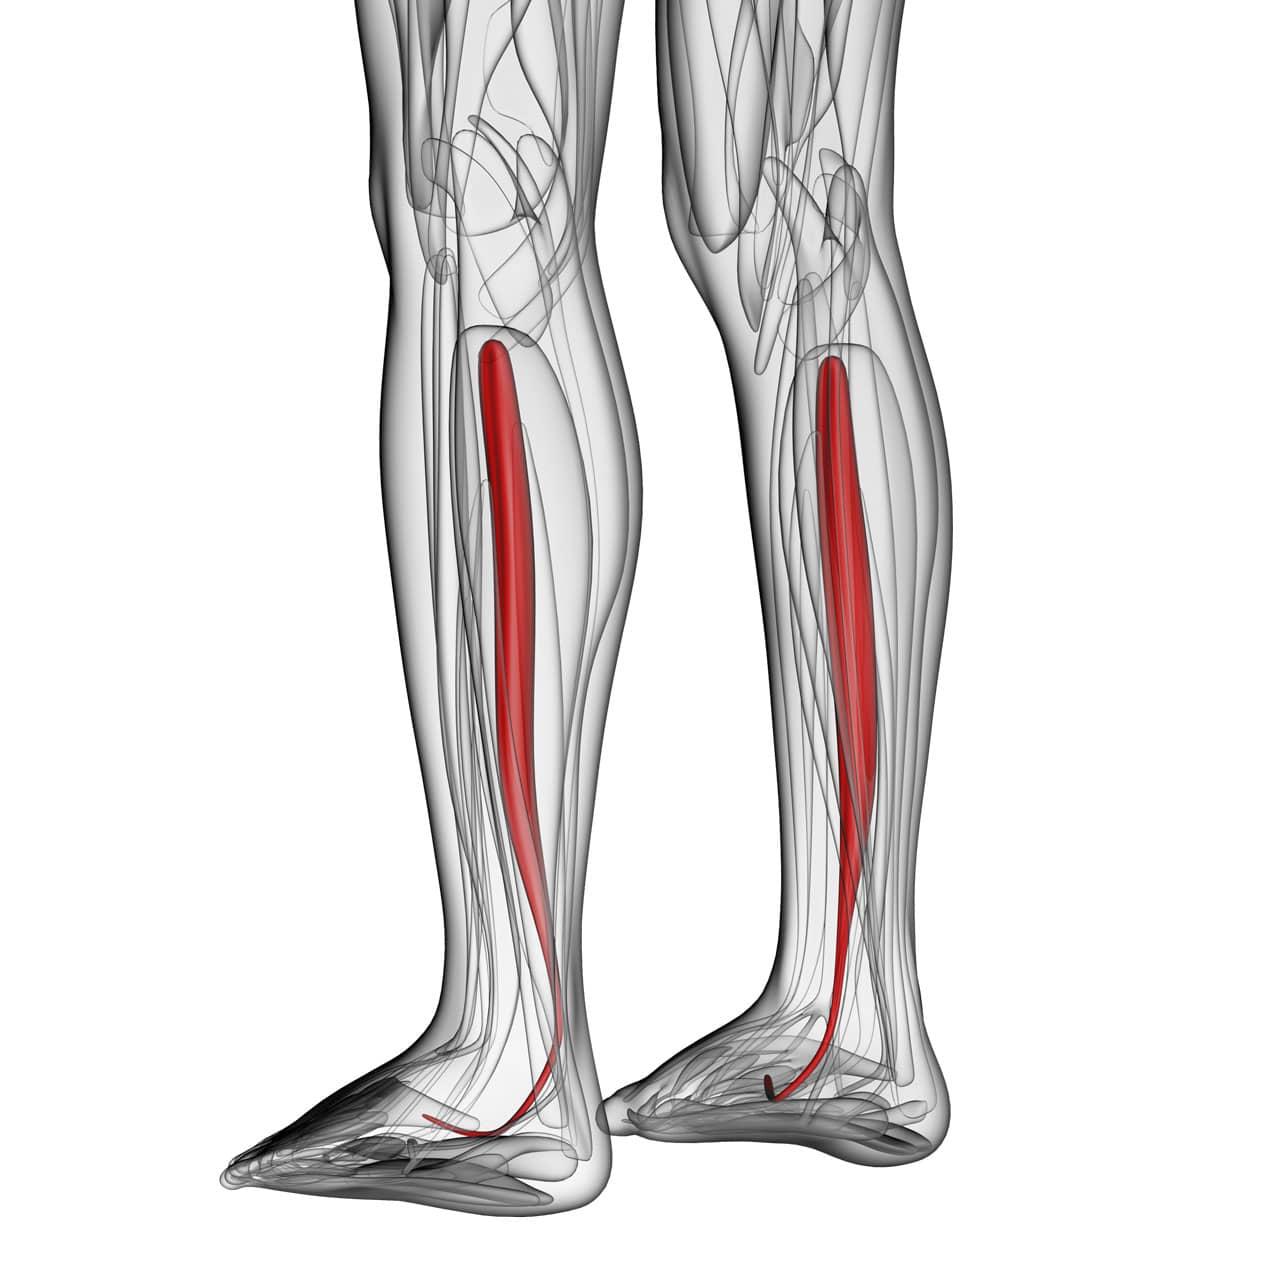 Darstellung des musculus tibialis posterior – Schienbeinkantensyndrom